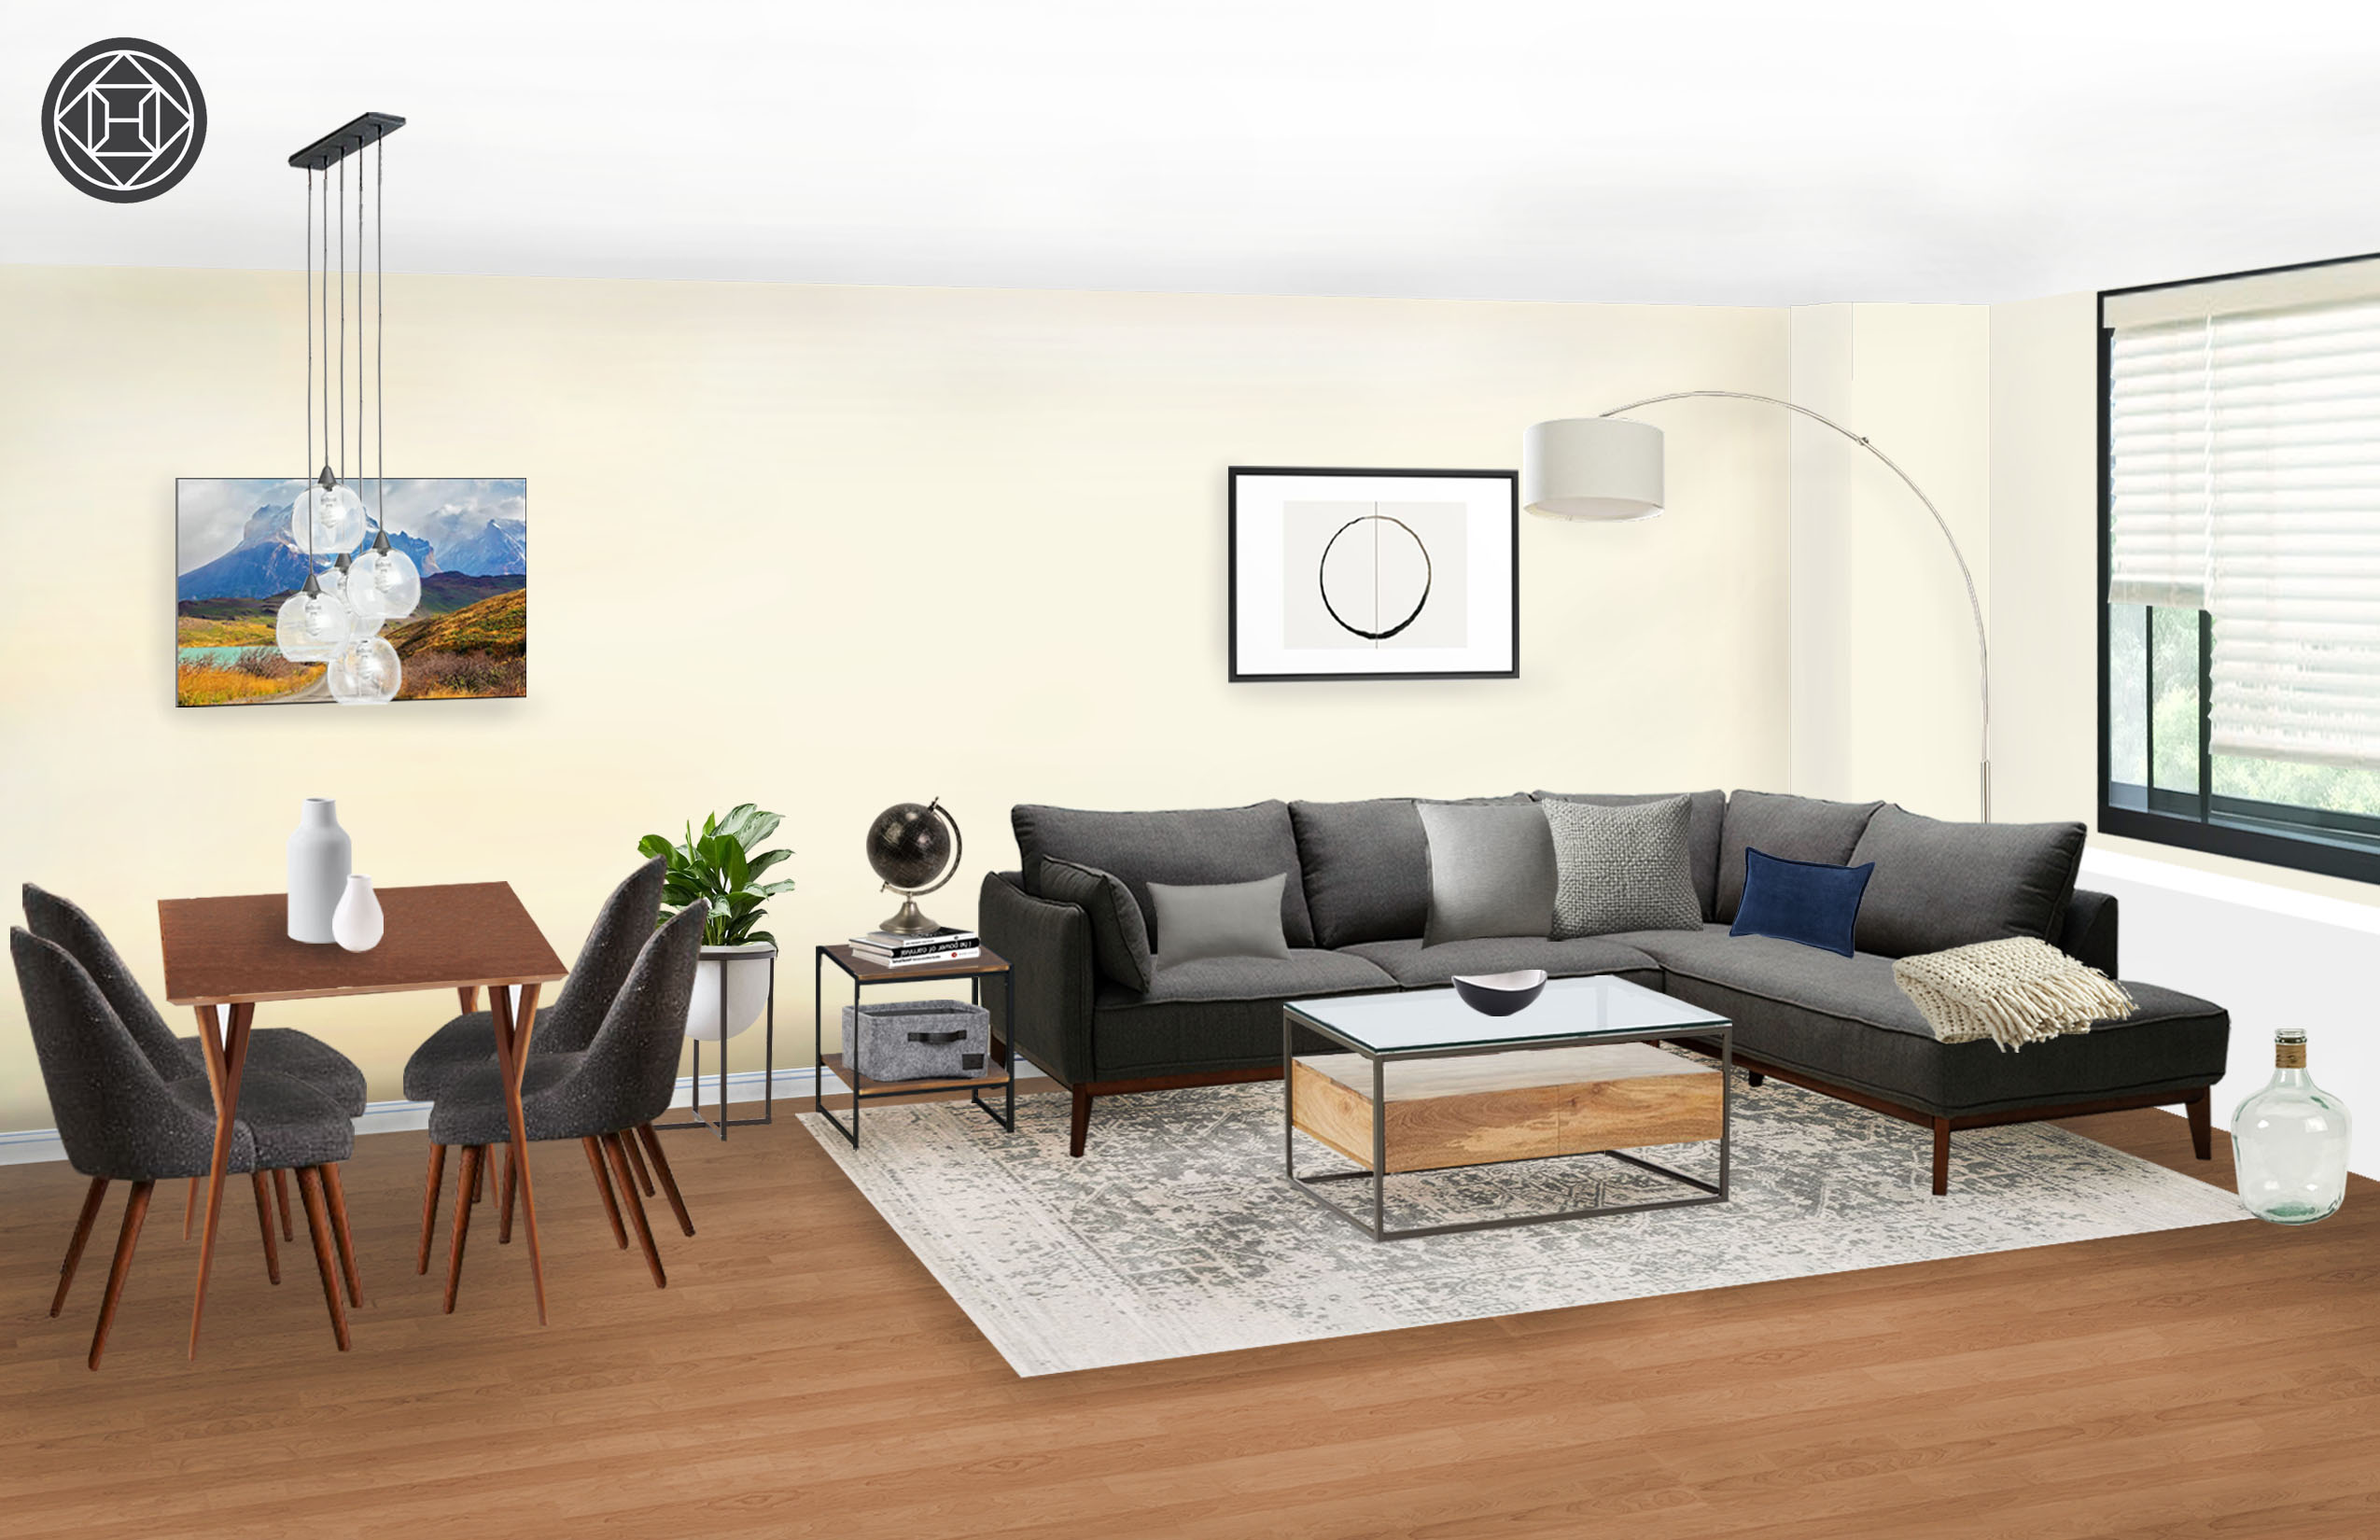 Modern Industrial Midcentury Scandinavian Living Room